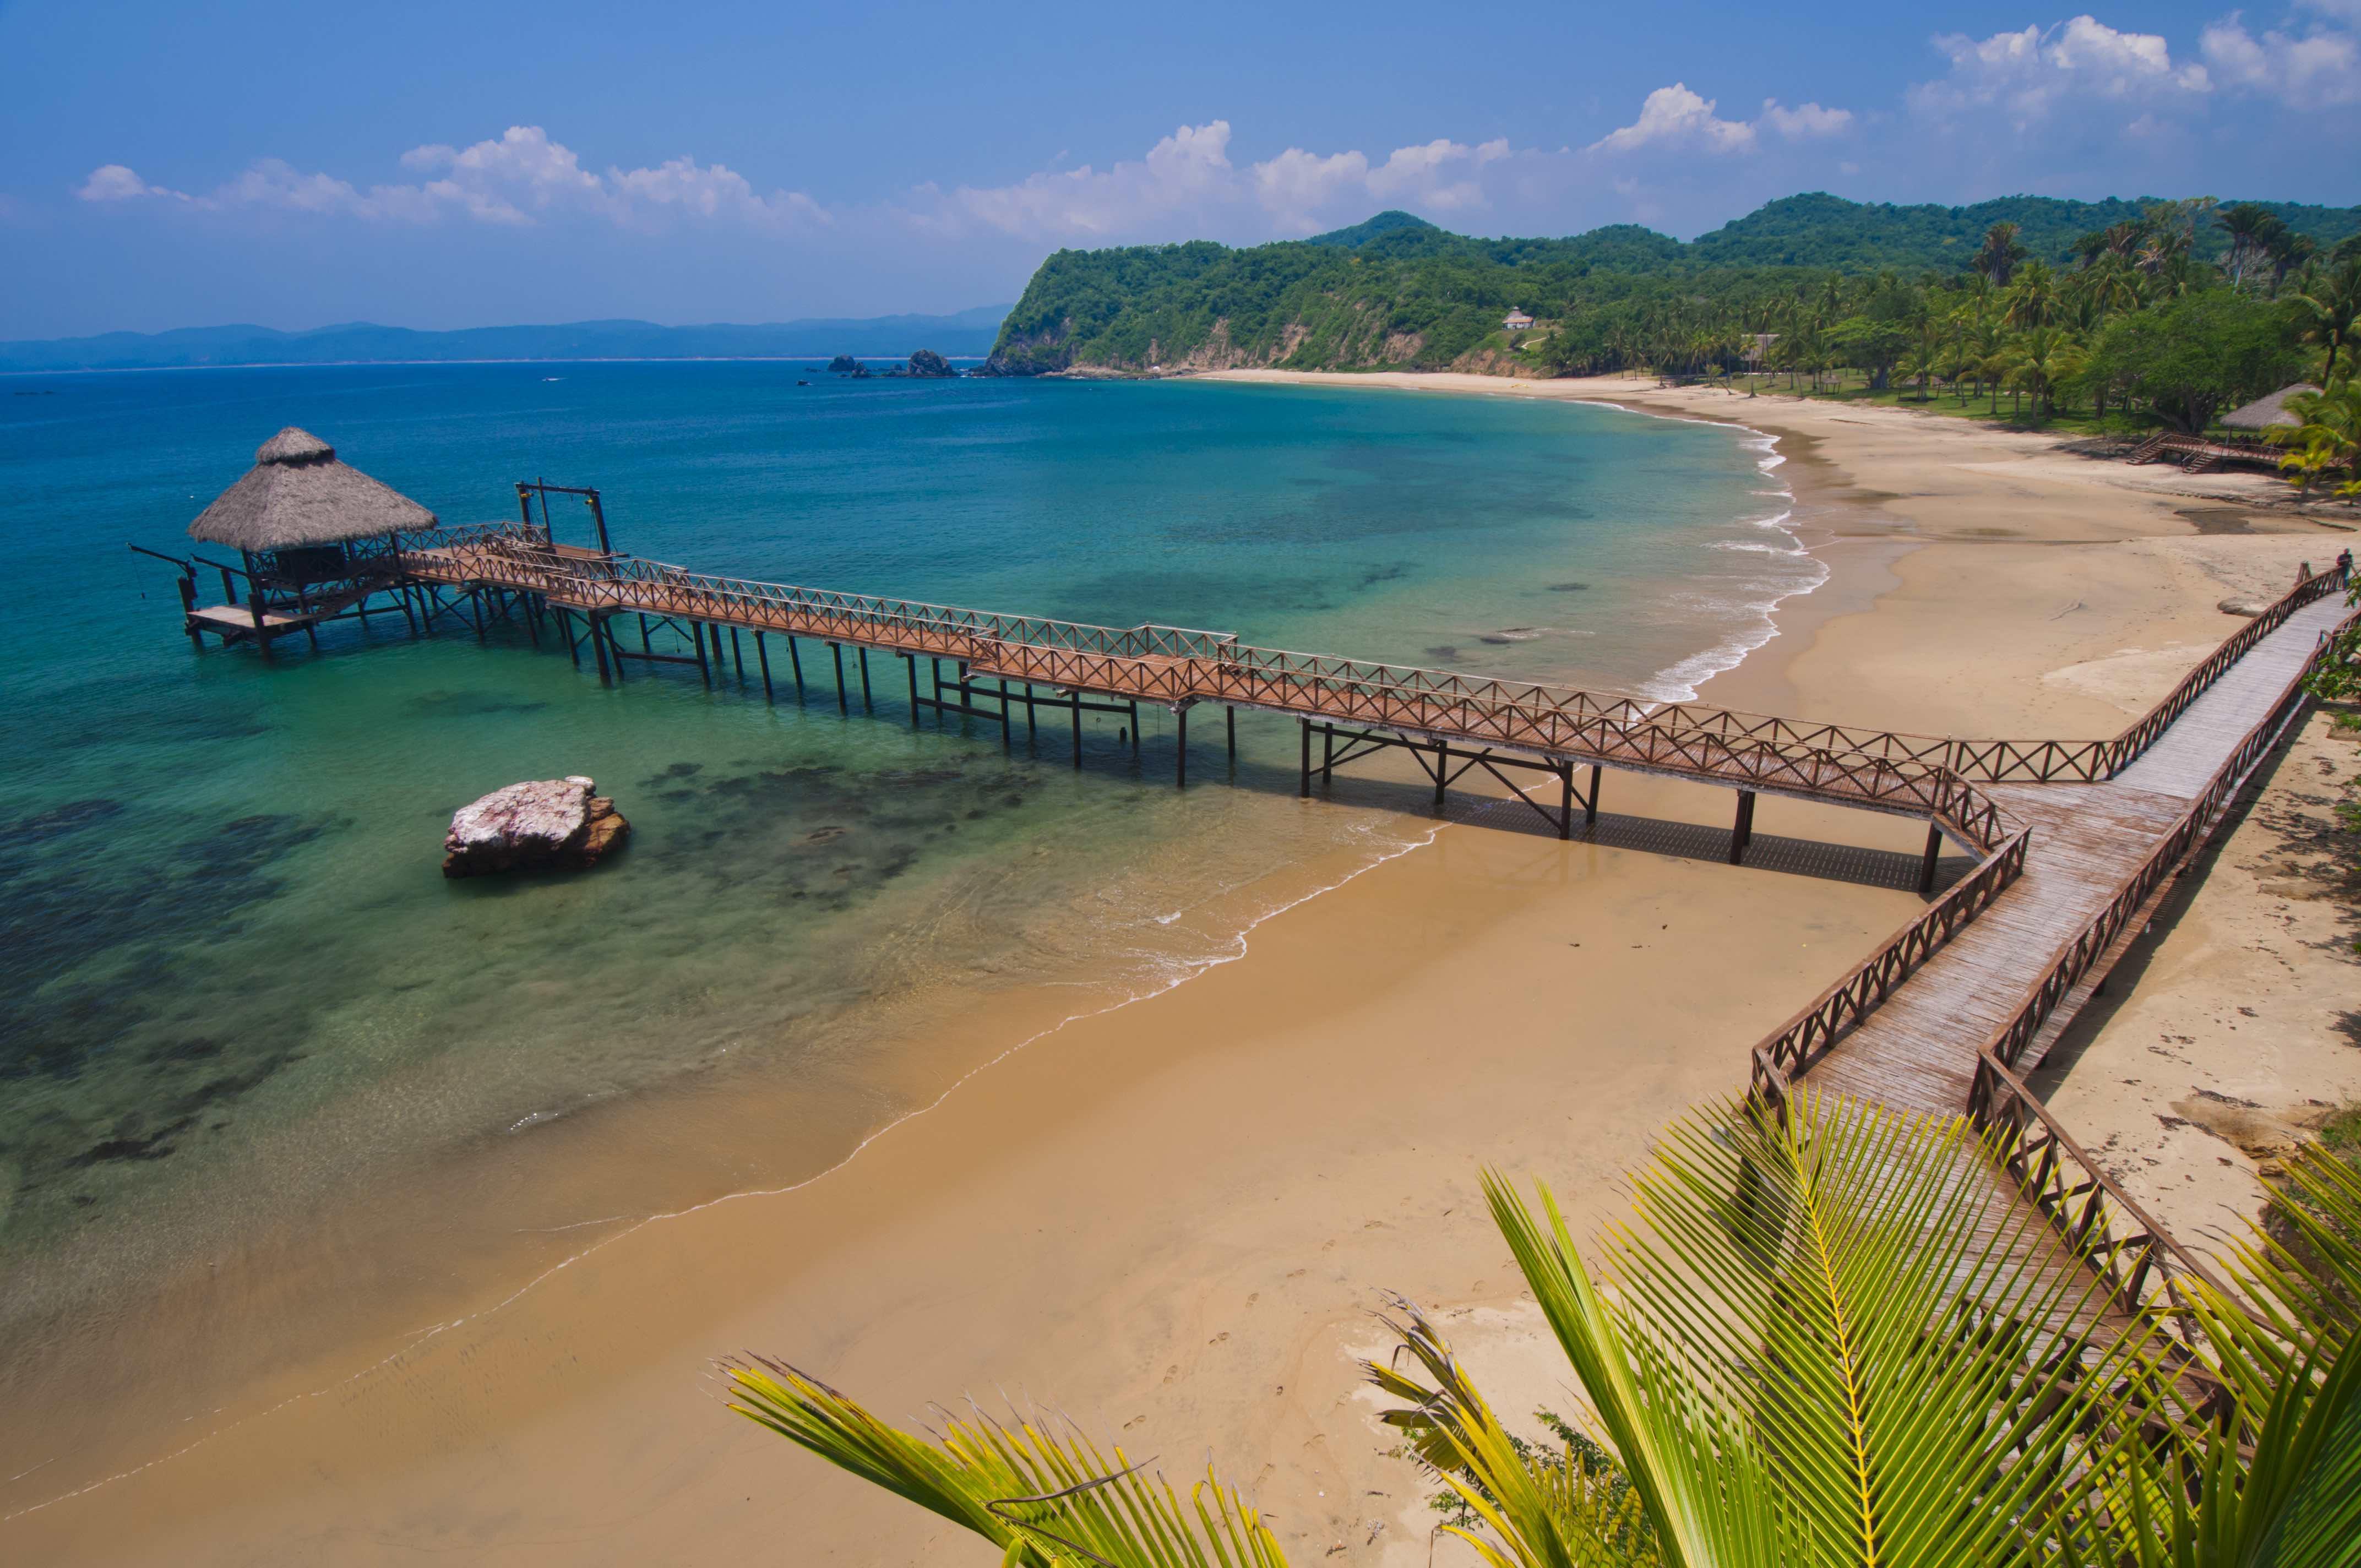 Dejar derrama de 4 millones de pesos la edici n 41 del for En zacatecas hay playa